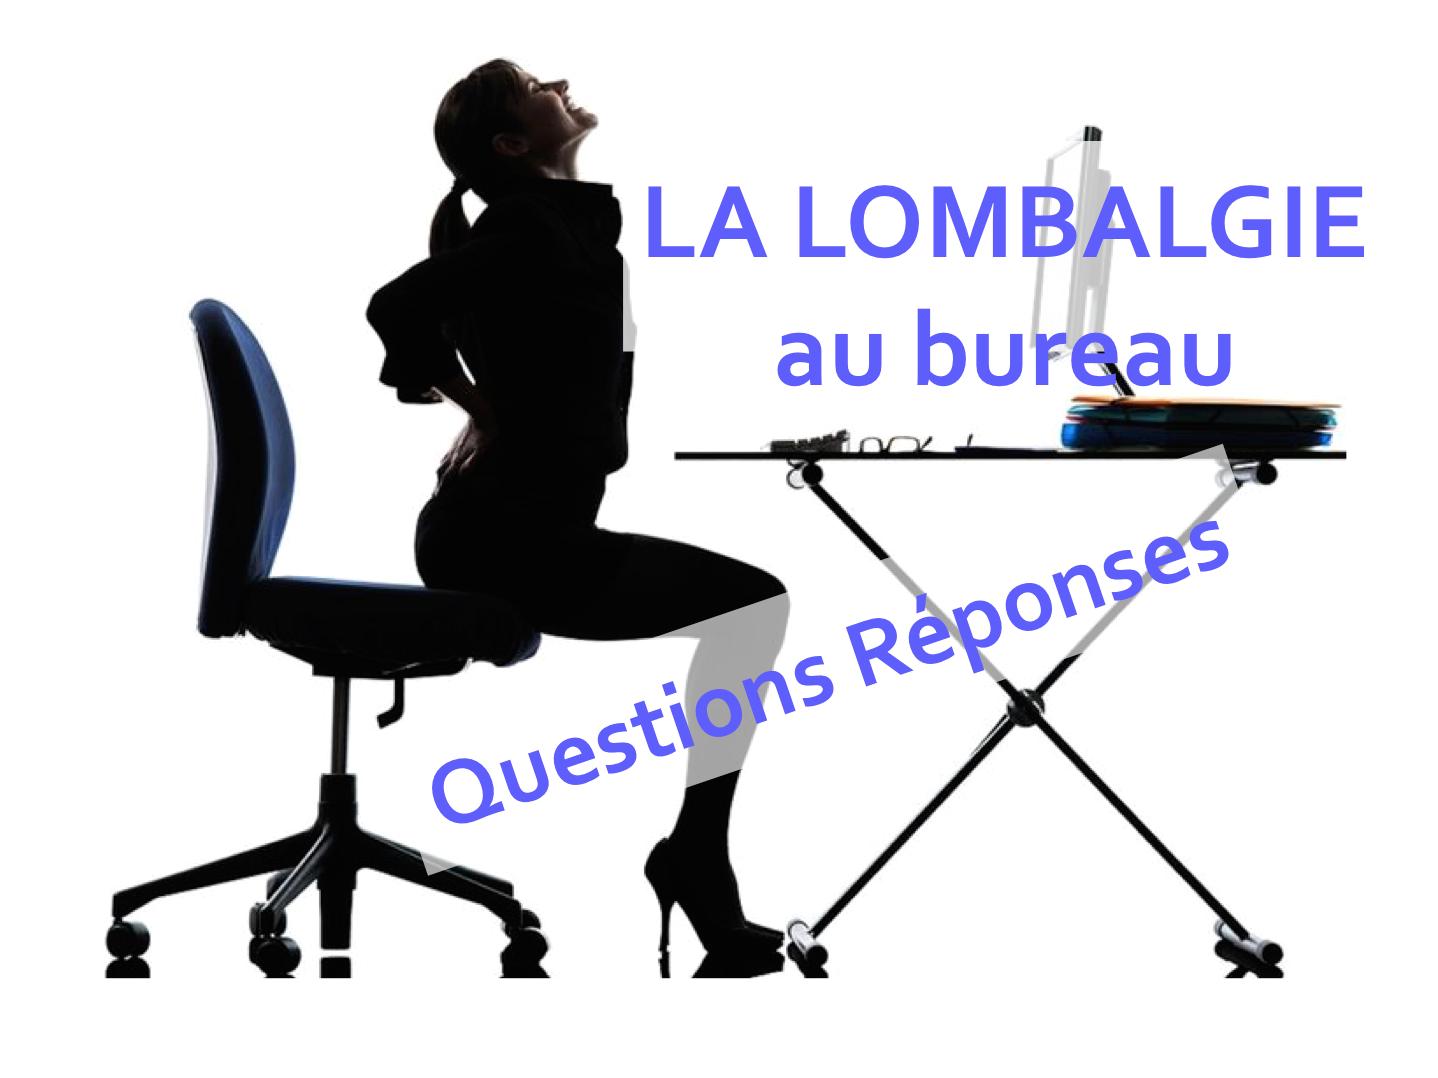 Questions De Réponses Blog Lombalgie SurLa Bureau Au – Le rCthQsdxB